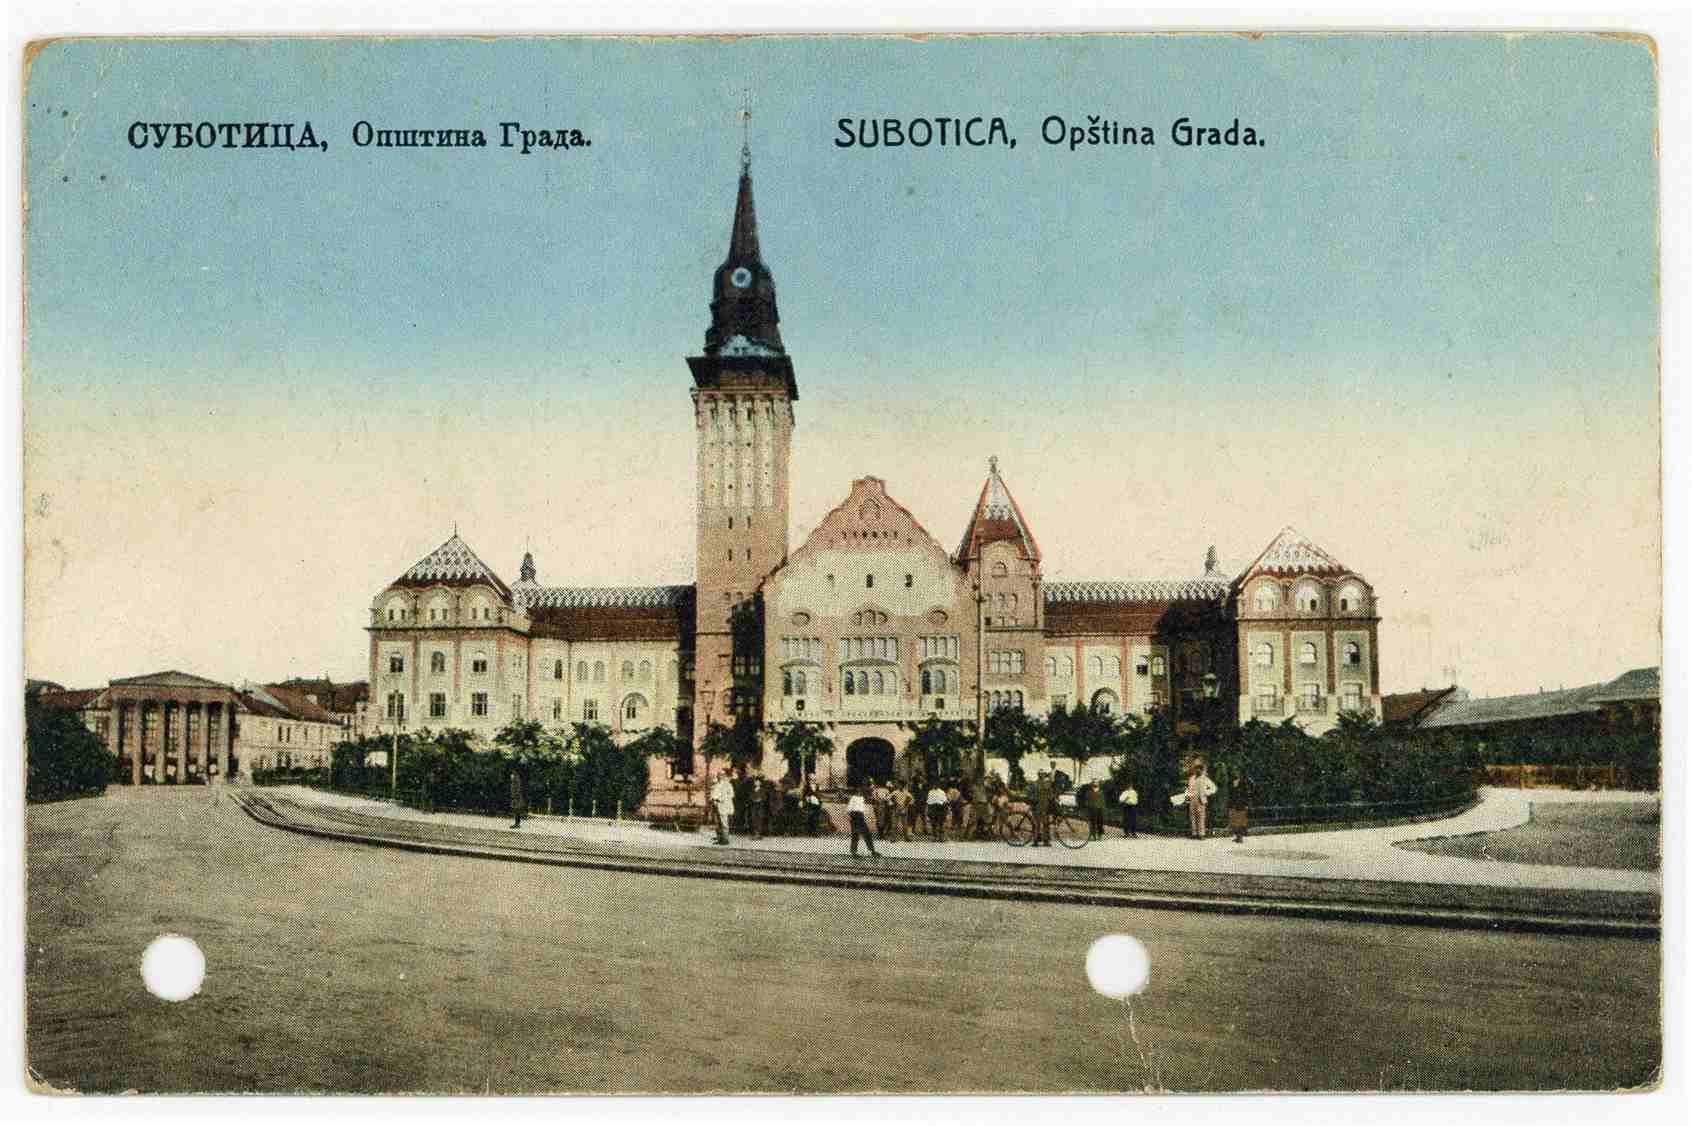 stara razglednica Subotice, opština grada Subotice,